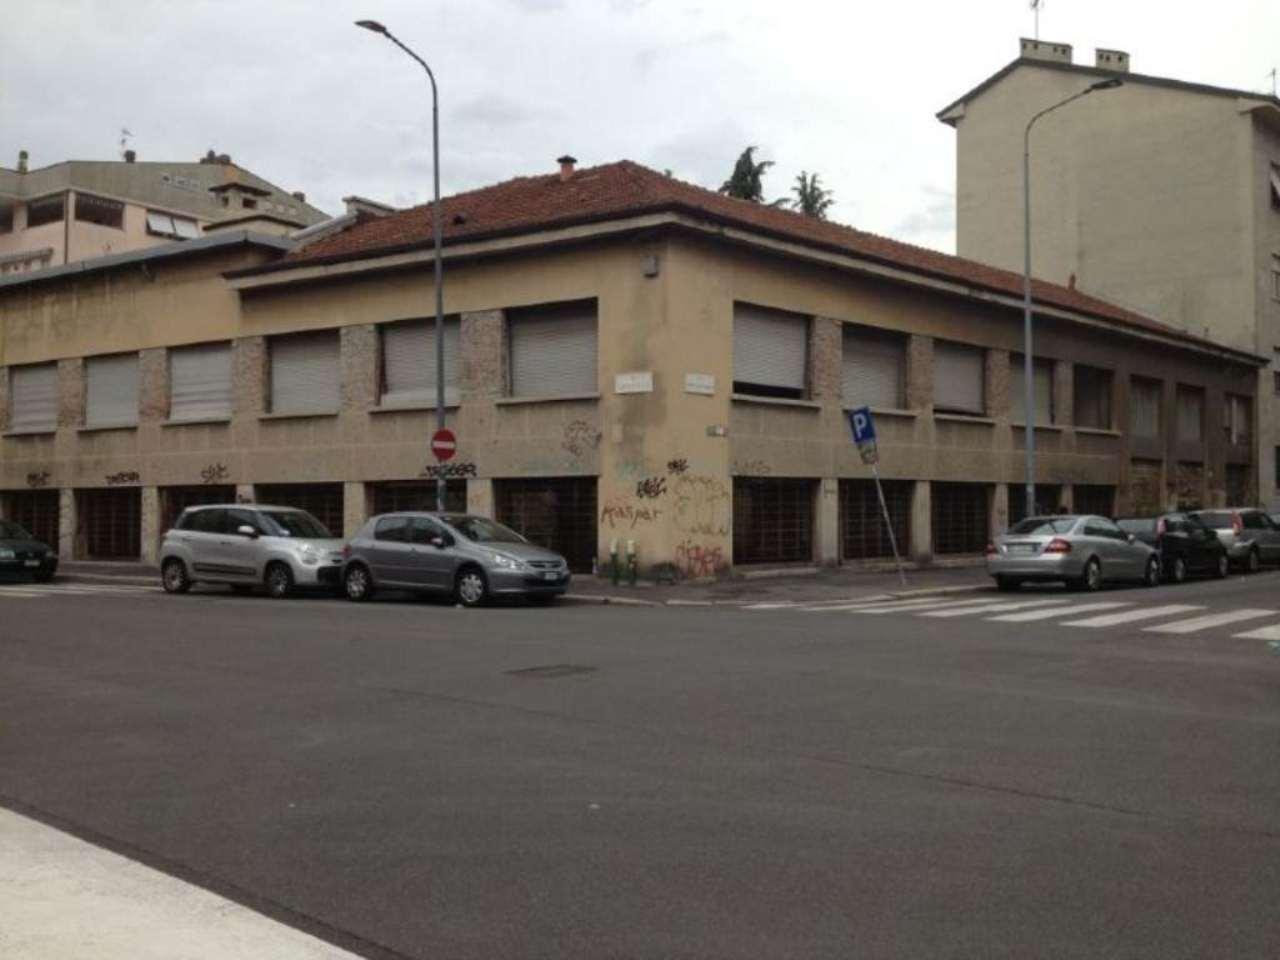 Terreno Edificabile Residenziale in vendita a Milano, 9999 locali, zona Zona: 19 . Affori, Bovisa, Niguarda, Testi, Dergano, Comasina, prezzo € 2.500.000 | Cambio Casa.it